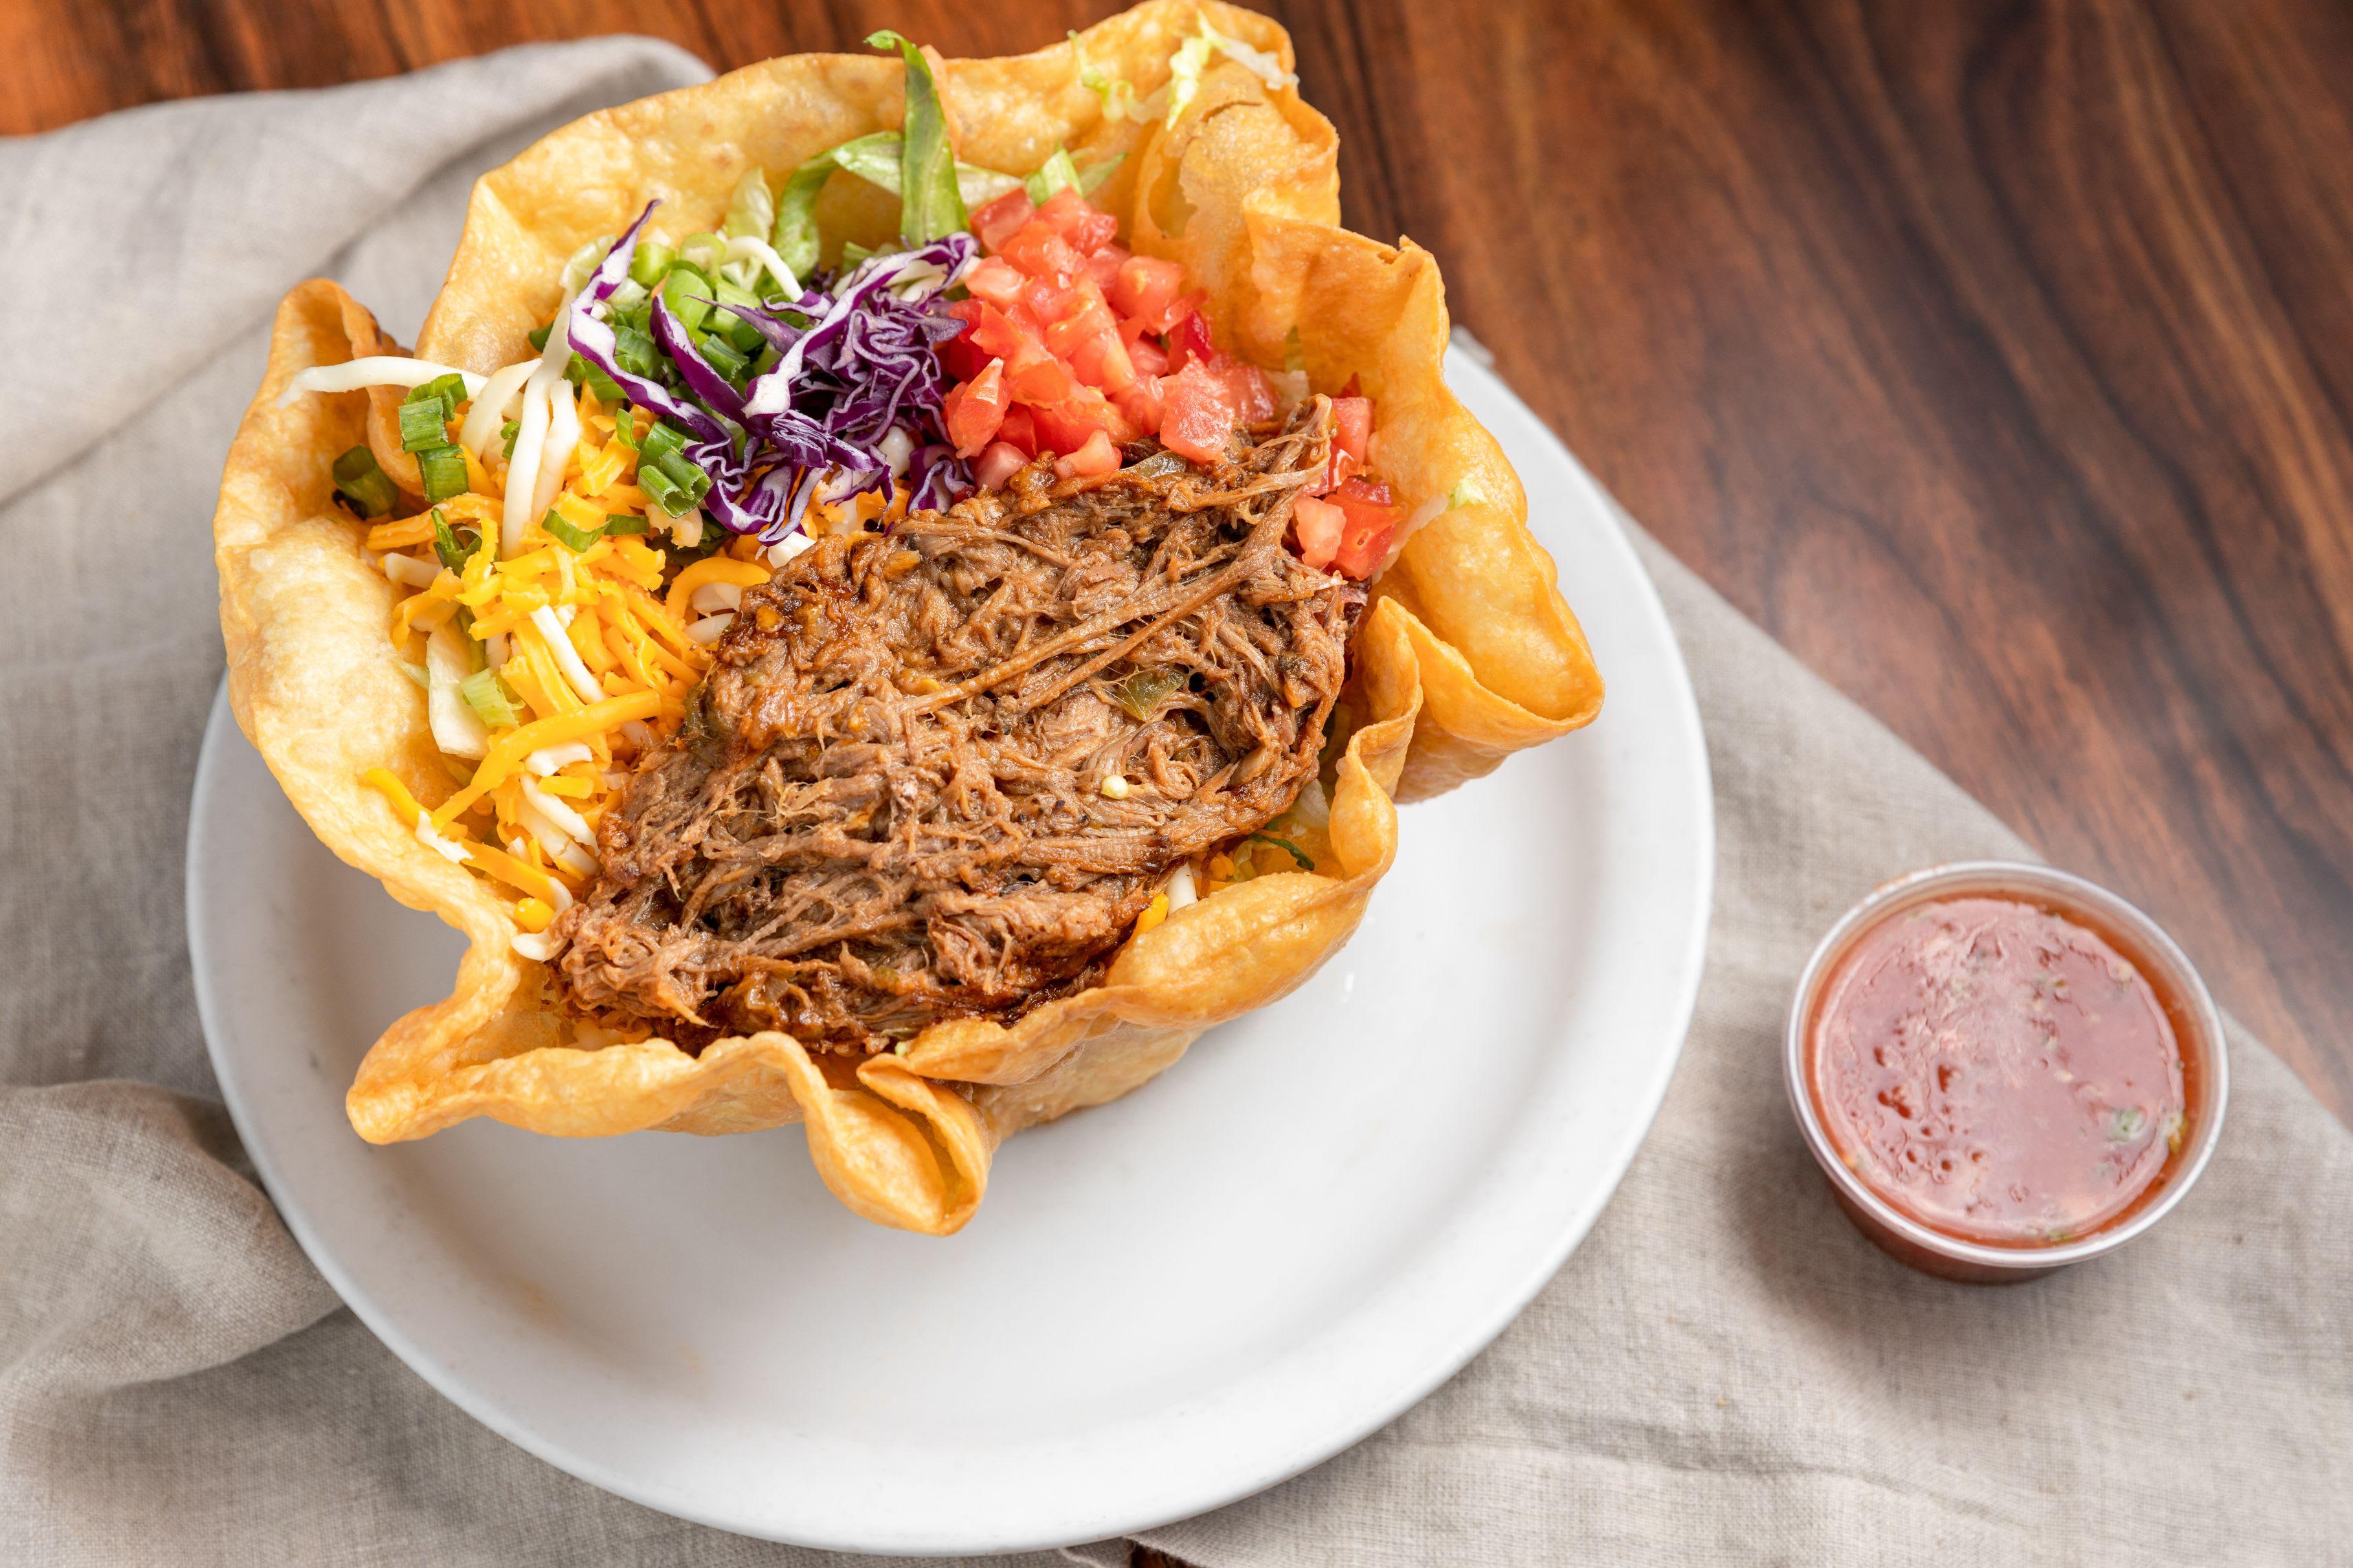 Beef or Chicken Tostada Salad